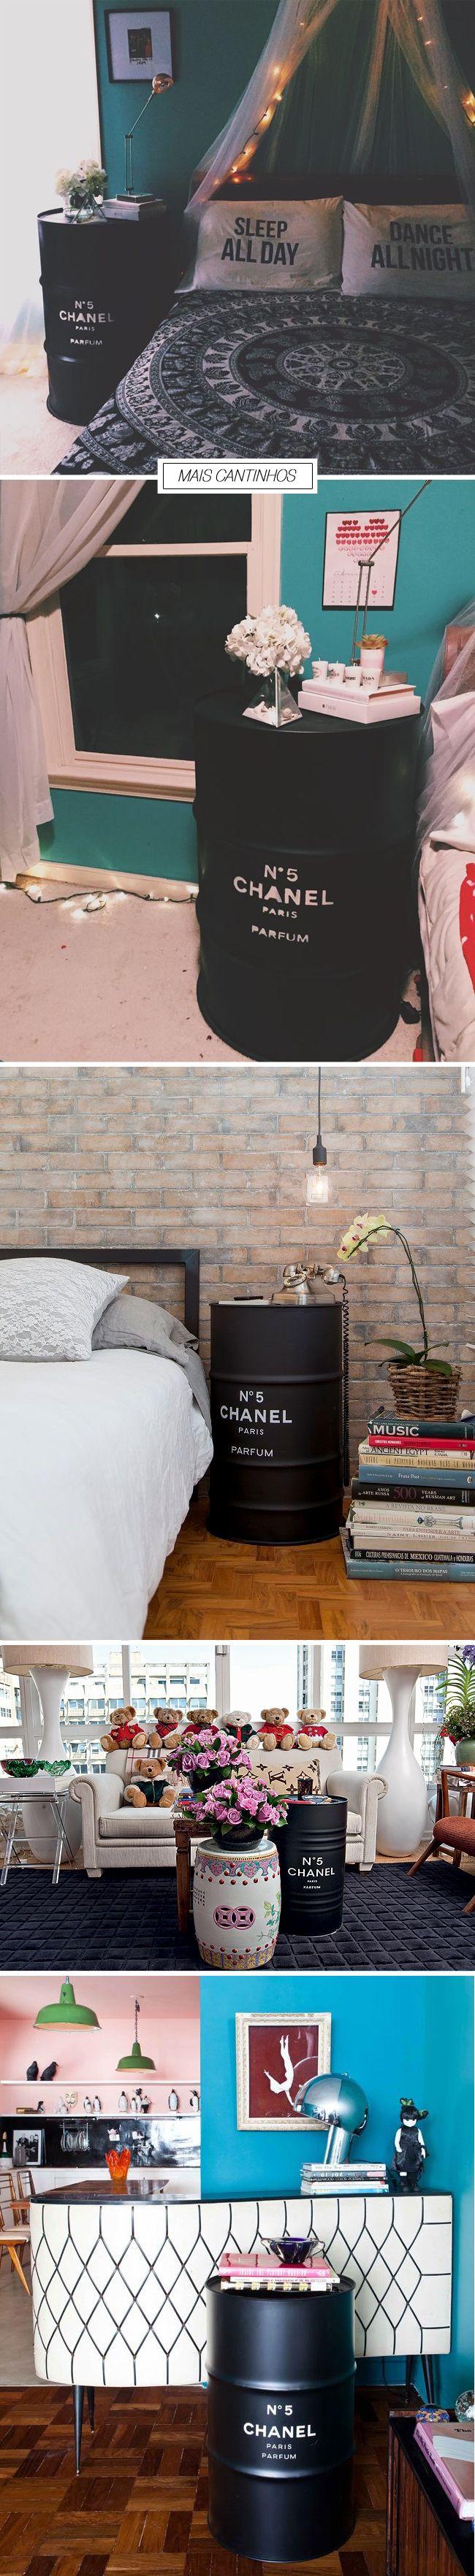 barril chanel - DIY